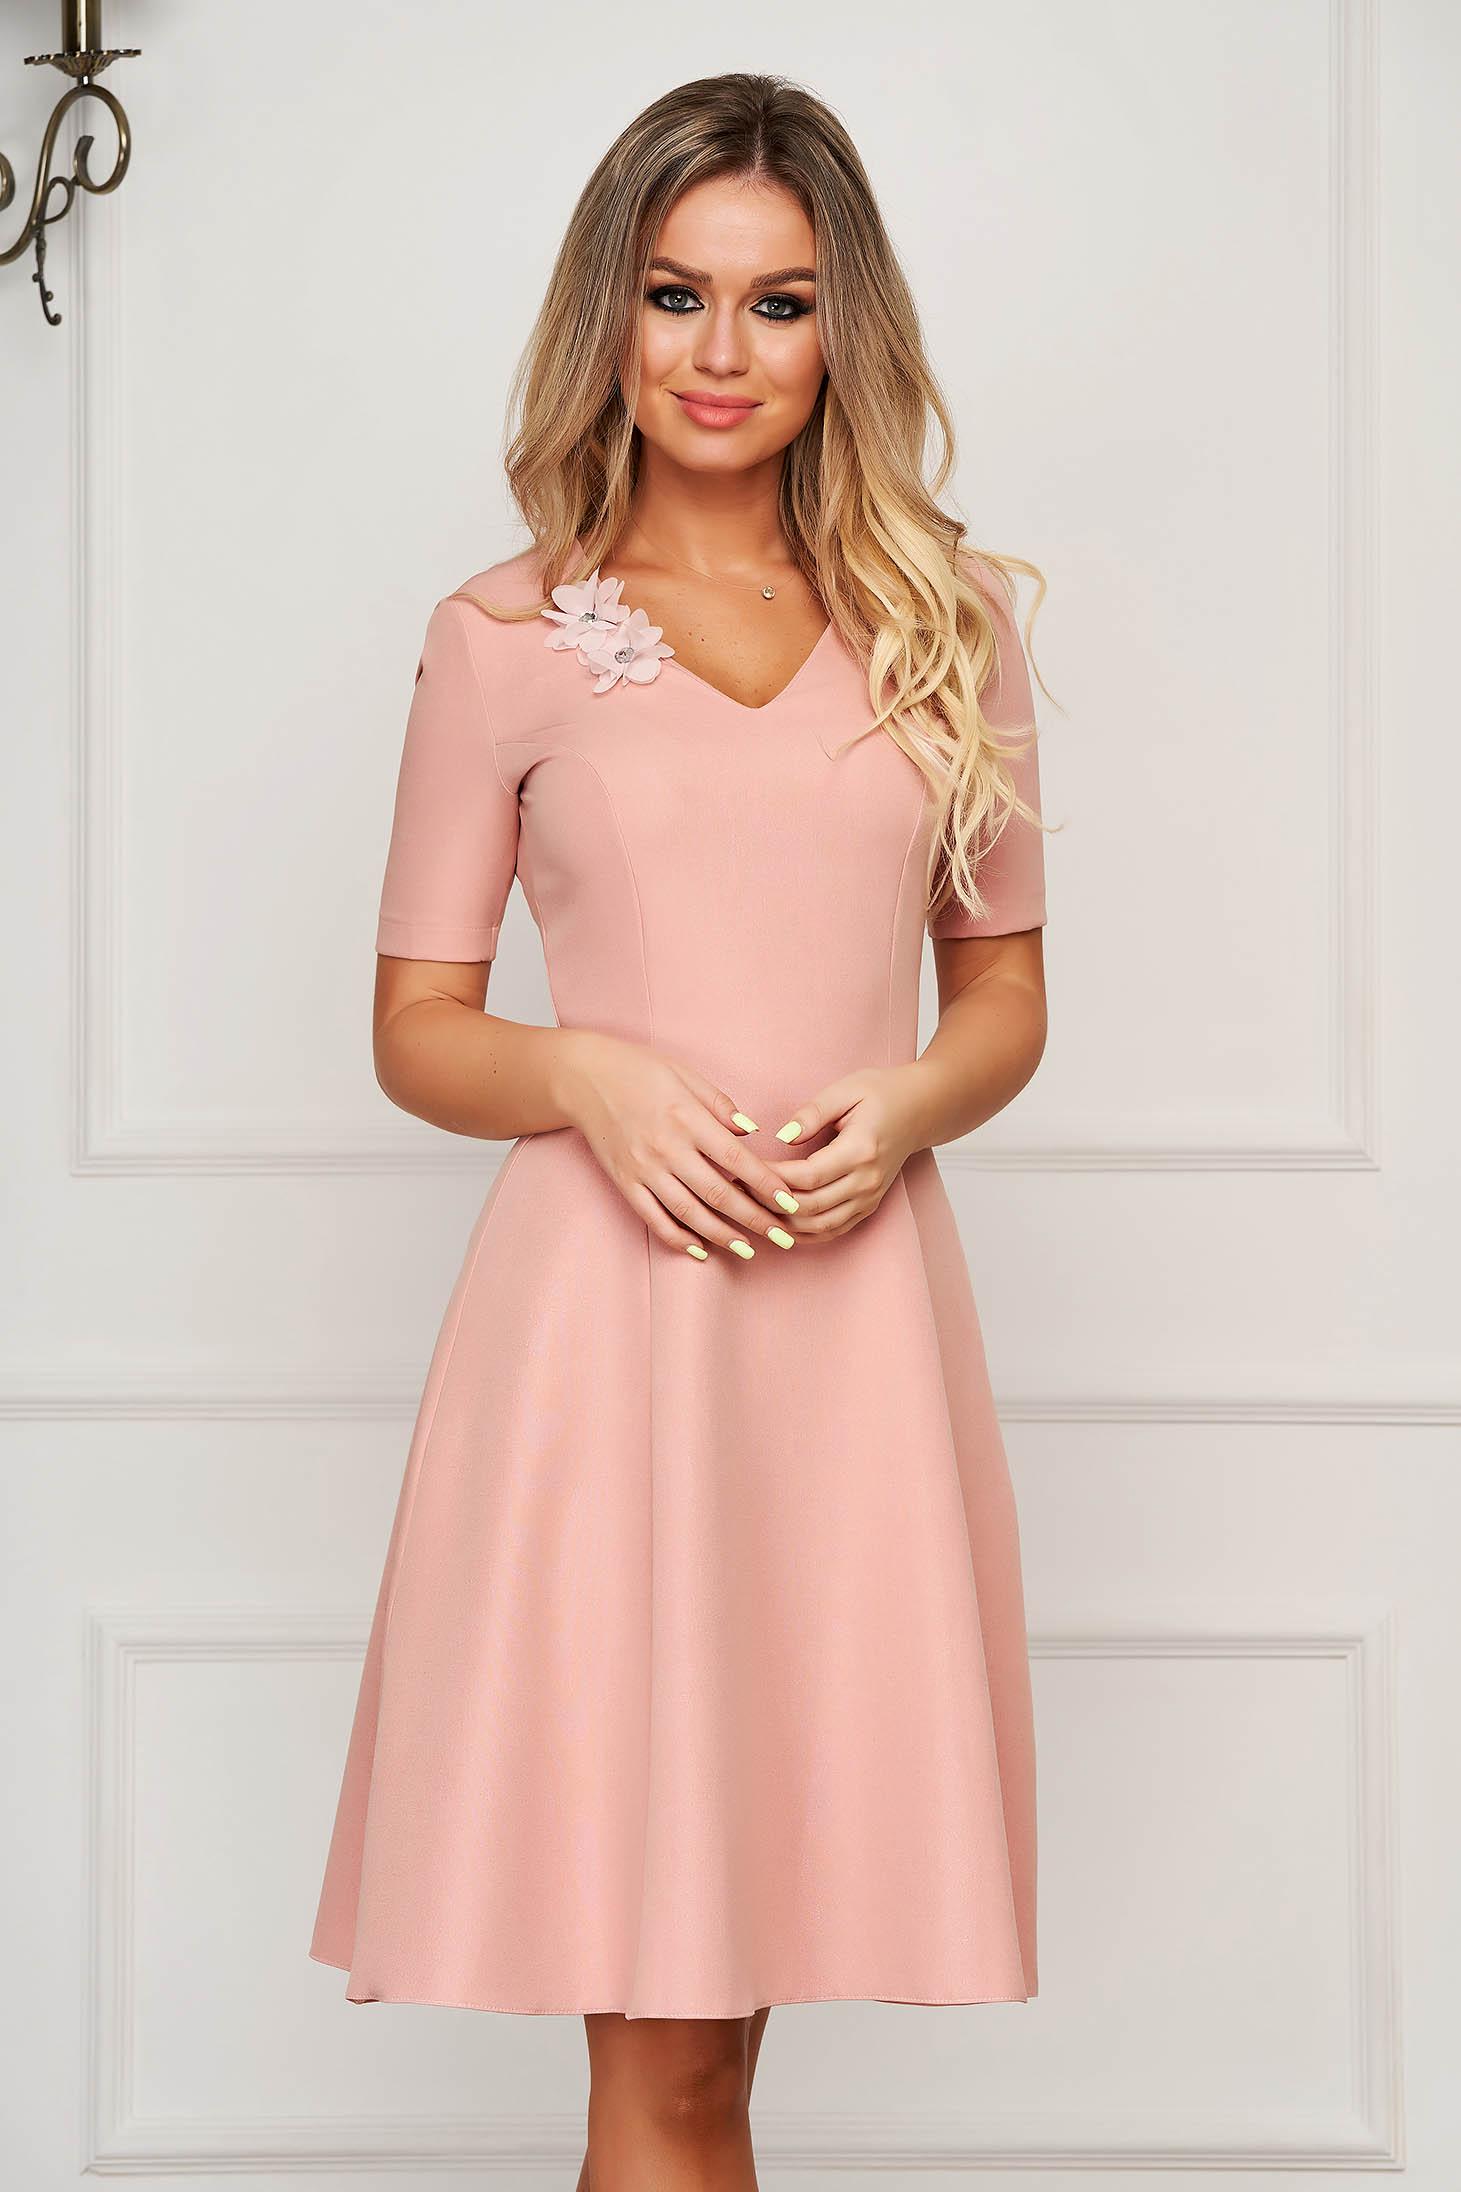 Rochie StarShinerS roz prafuit eleganta midi in clos cu decolteu in v din stofa usor elastica cu aplicatii florale